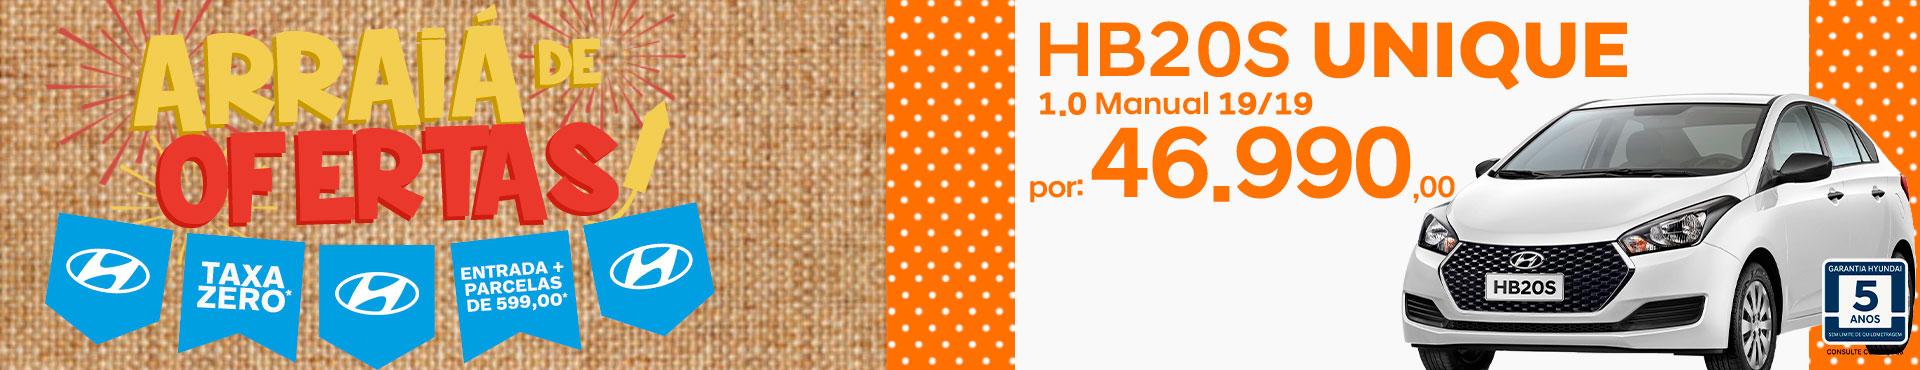 HB20s Unique